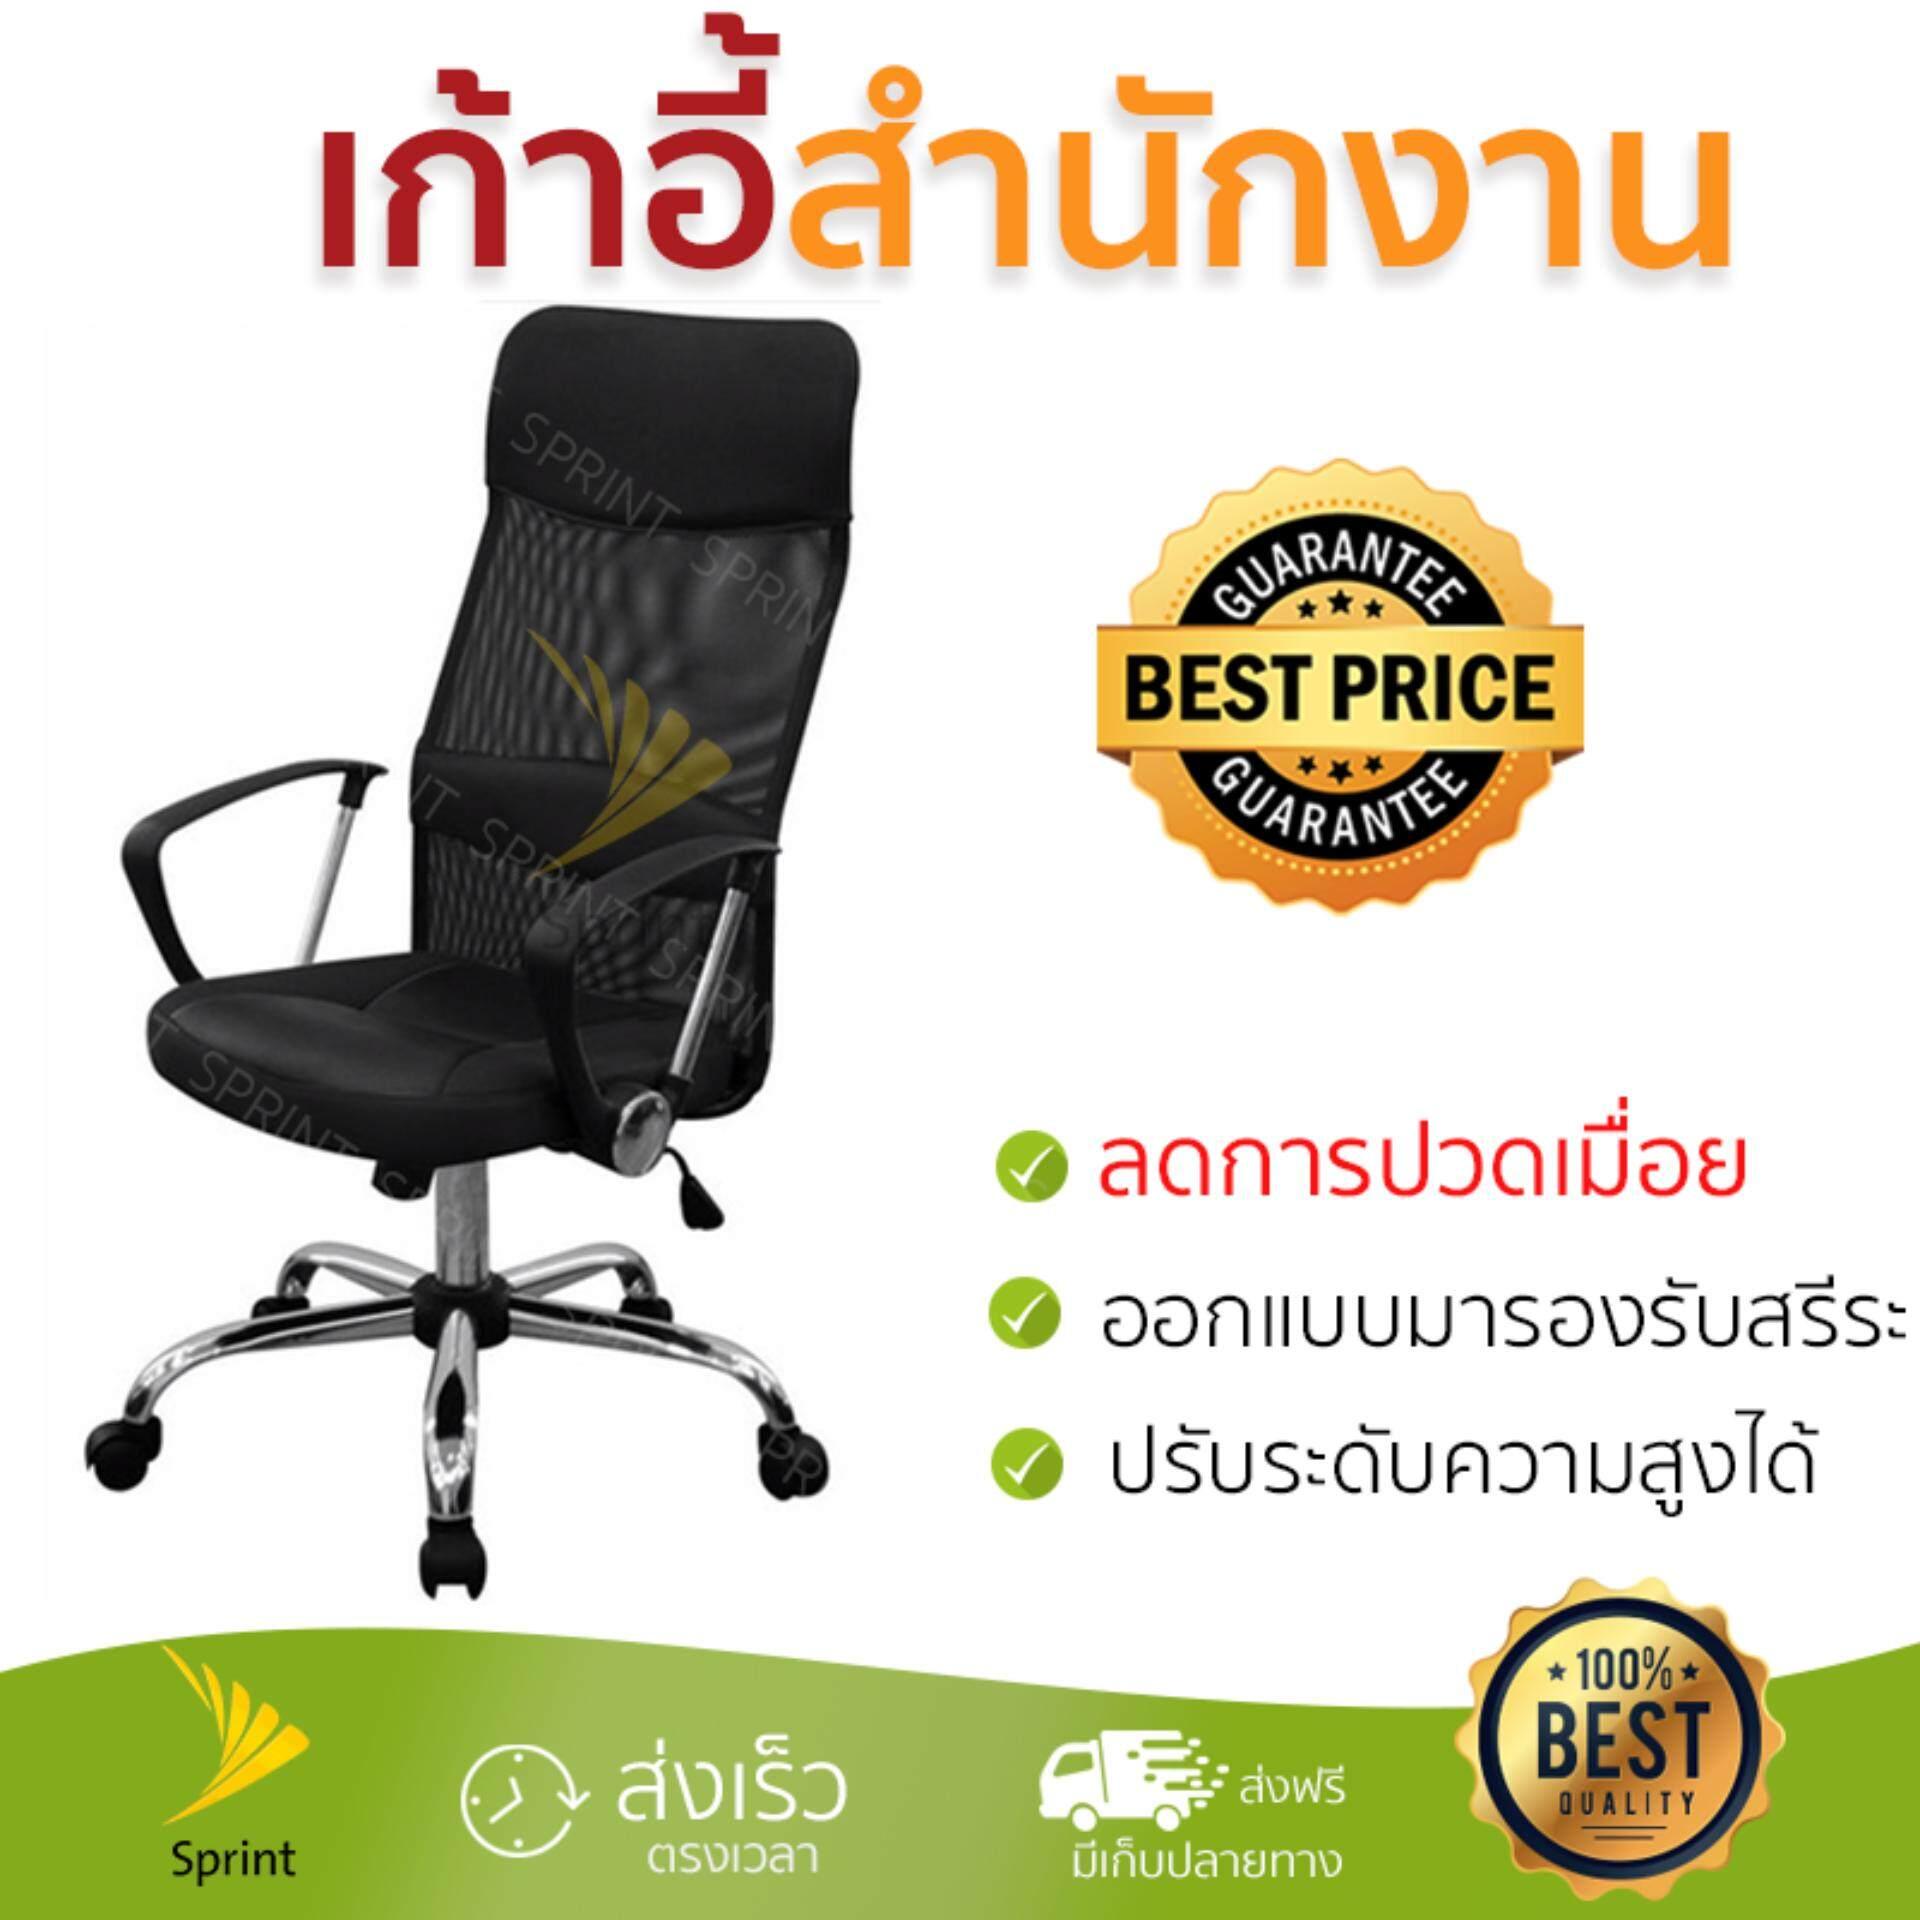 ราคาพิเศษ เก้าอี้ทำงาน เก้าอี้สำนักงาน เก้าอี้สำนักงาน SURE PB-122 ดำ | SURE | PB-122 BLACK ลดอาการปวดเมื่อยลำคอและไหล่ เบาะนุ่มกำลังดี นั่งสบาย ไม่อึดอัด ปรับระดับความสูงได้ Office Chair จัดส่งฟรี k